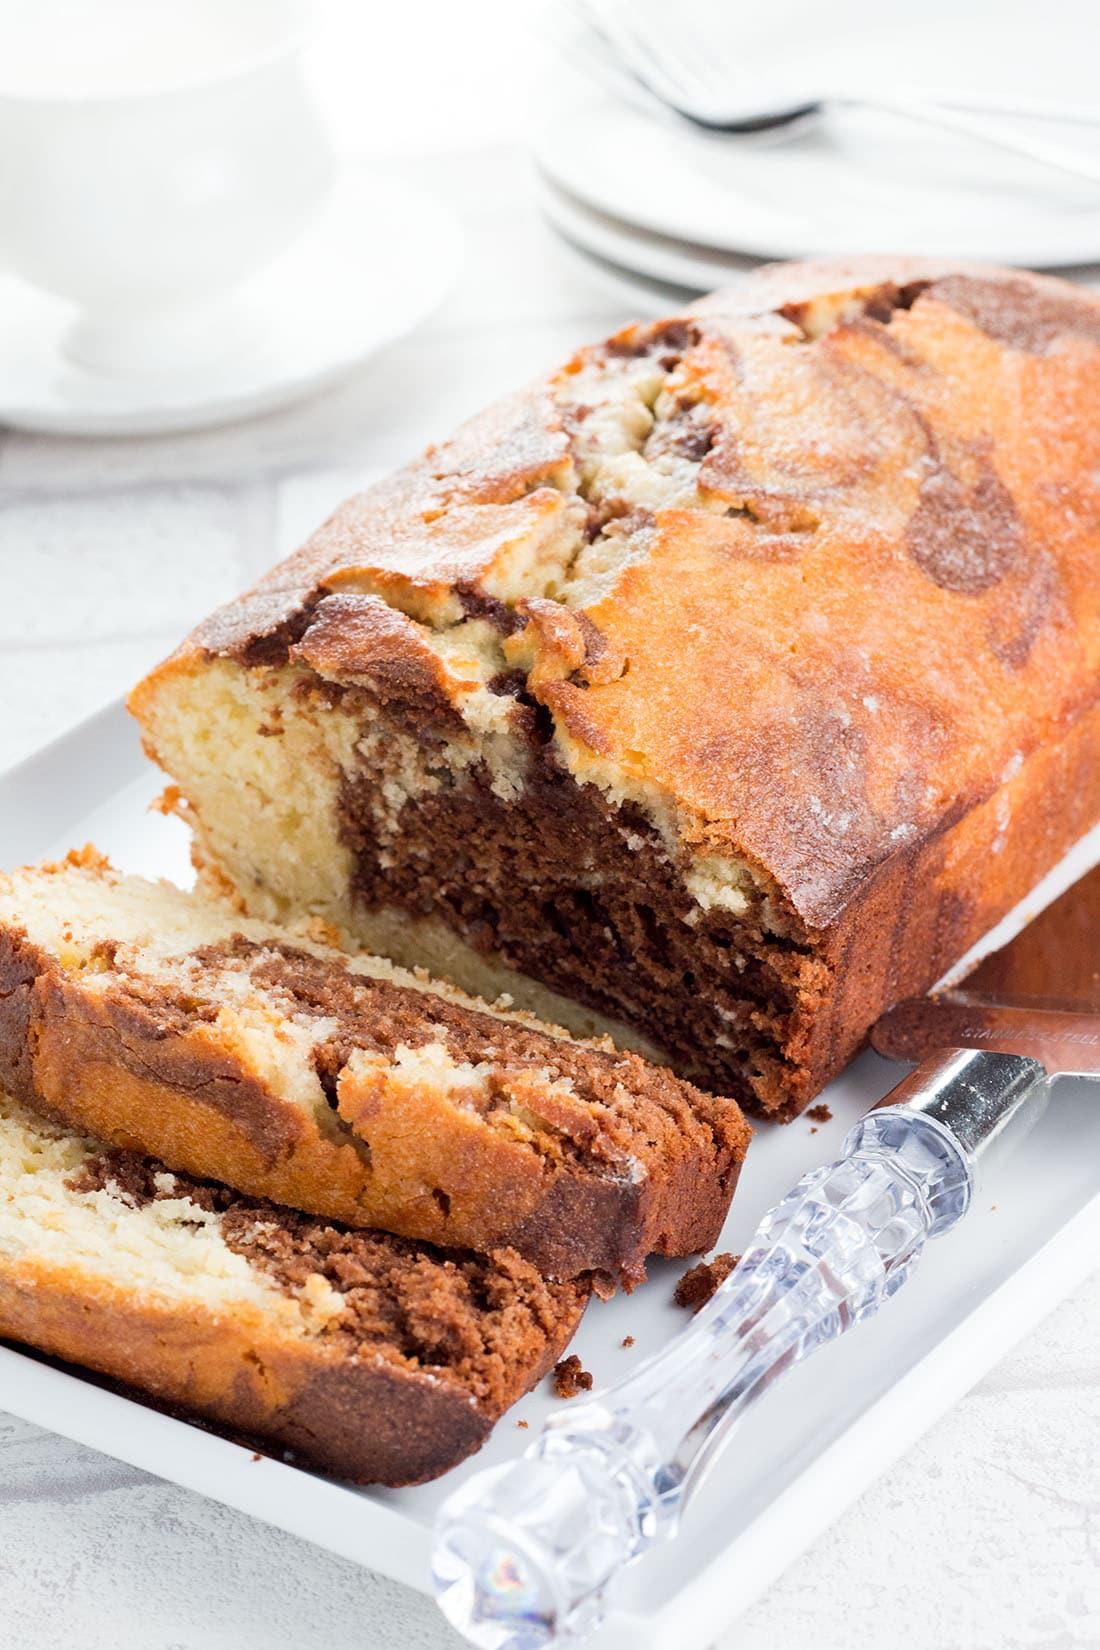 Glazed Marble Pound Cake